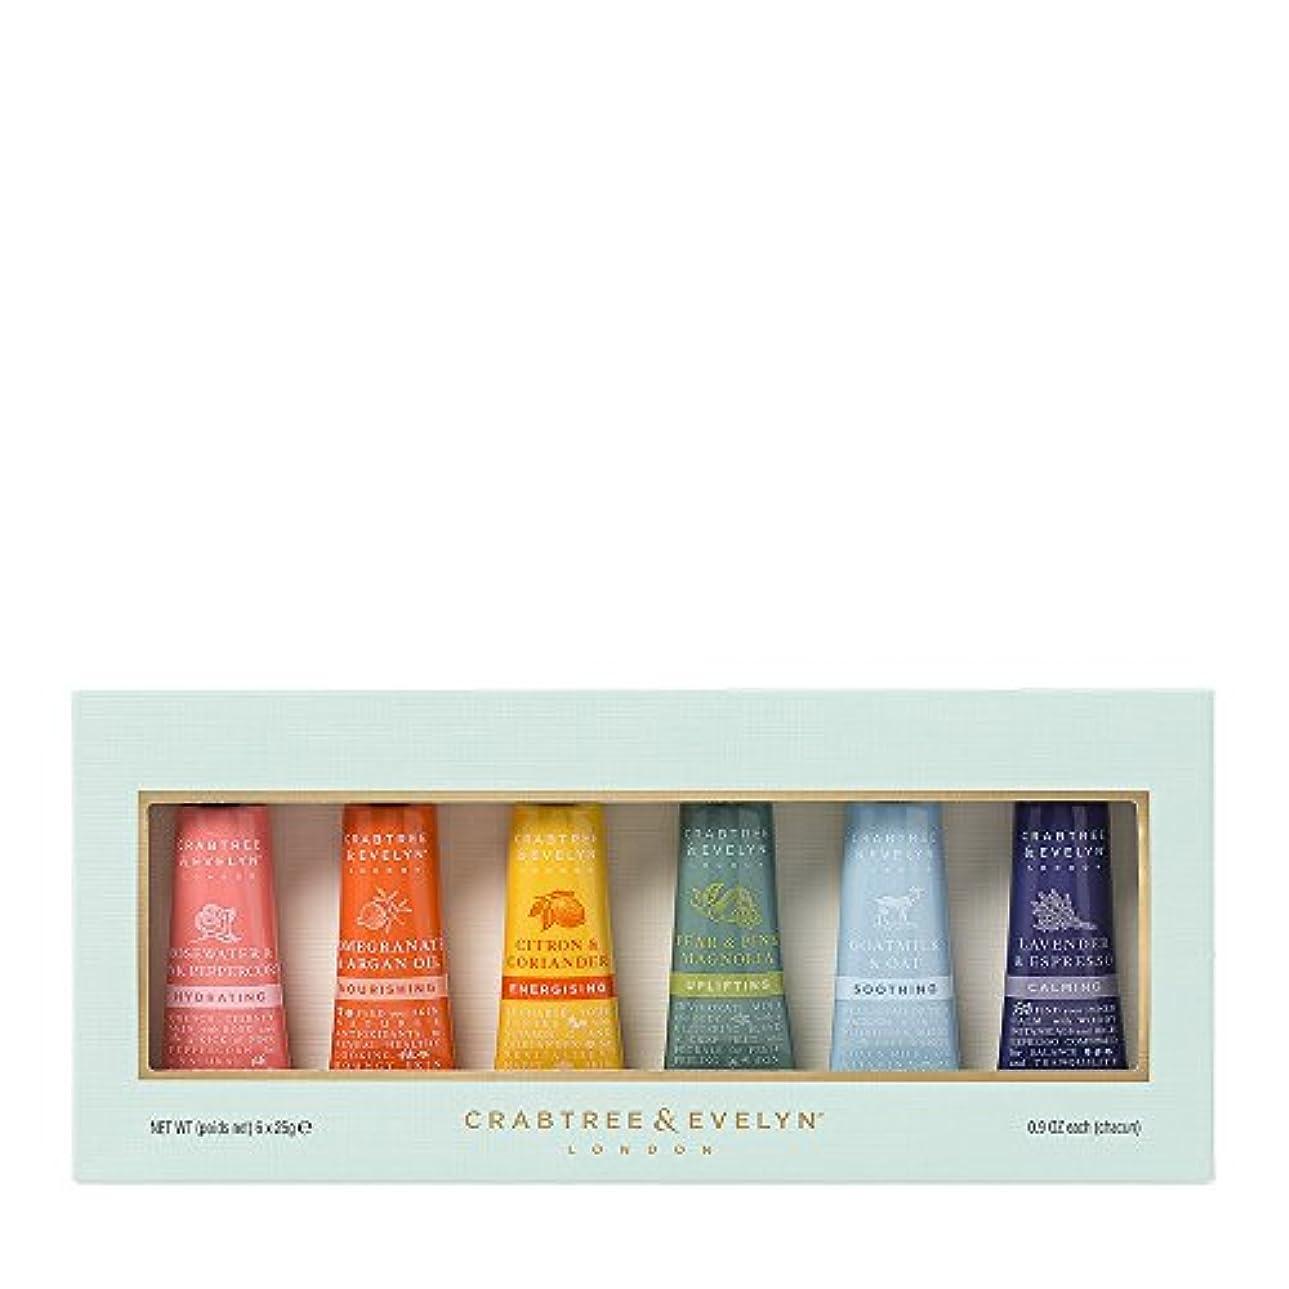 クラブツリー&イヴリン Limited Edition Hand Therapy Gift Set 6x25ml/0.86oz並行輸入品